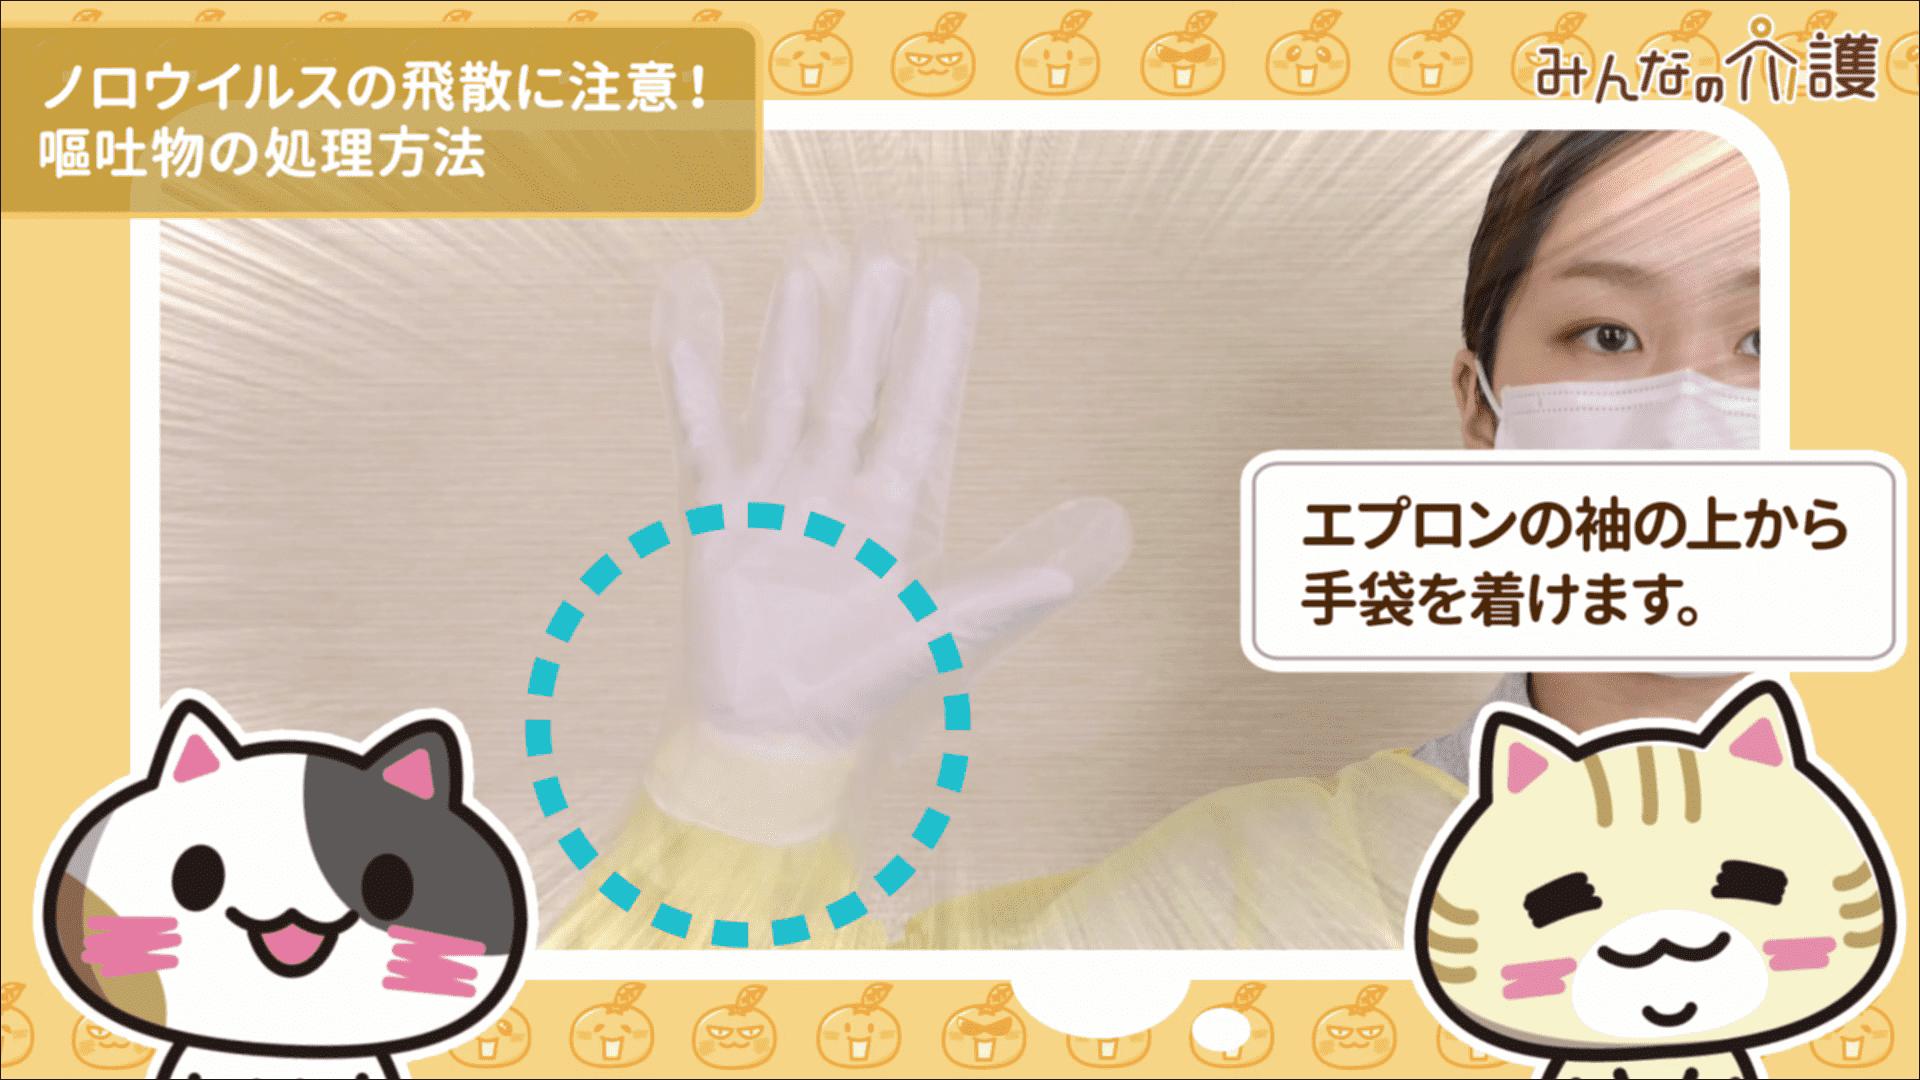 手袋を着用しているイメージ